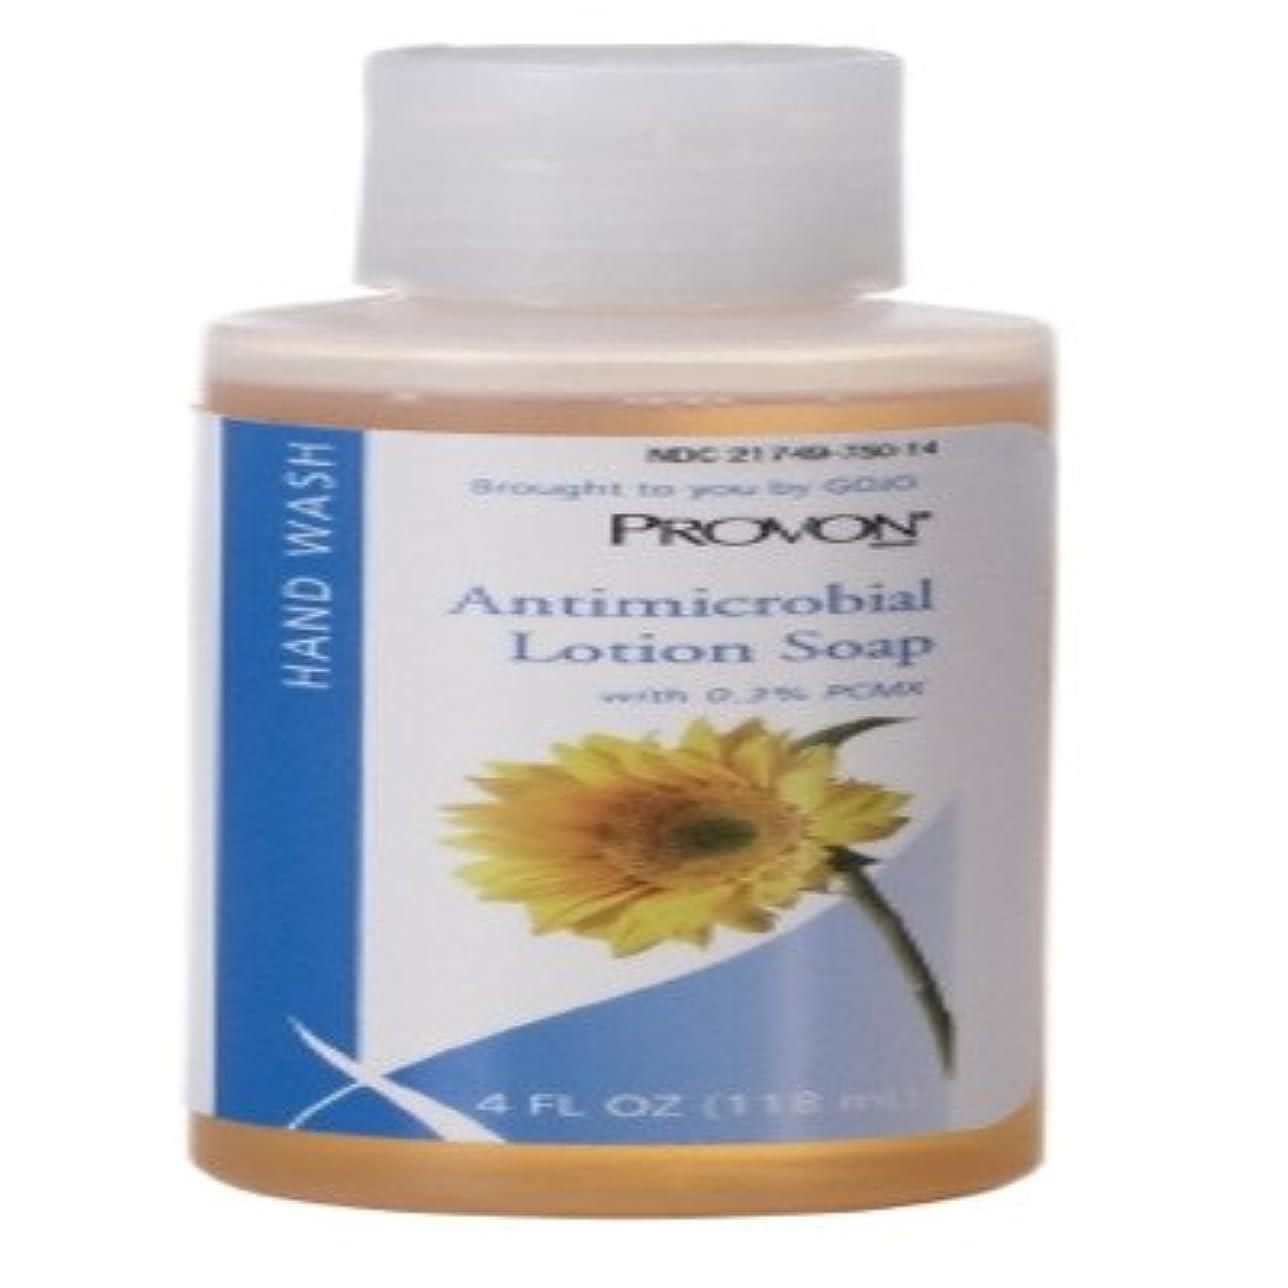 で出来ている早くアンタゴニストmck43011800 – 抗菌Soap ProvonローションボトルCitrus Scent